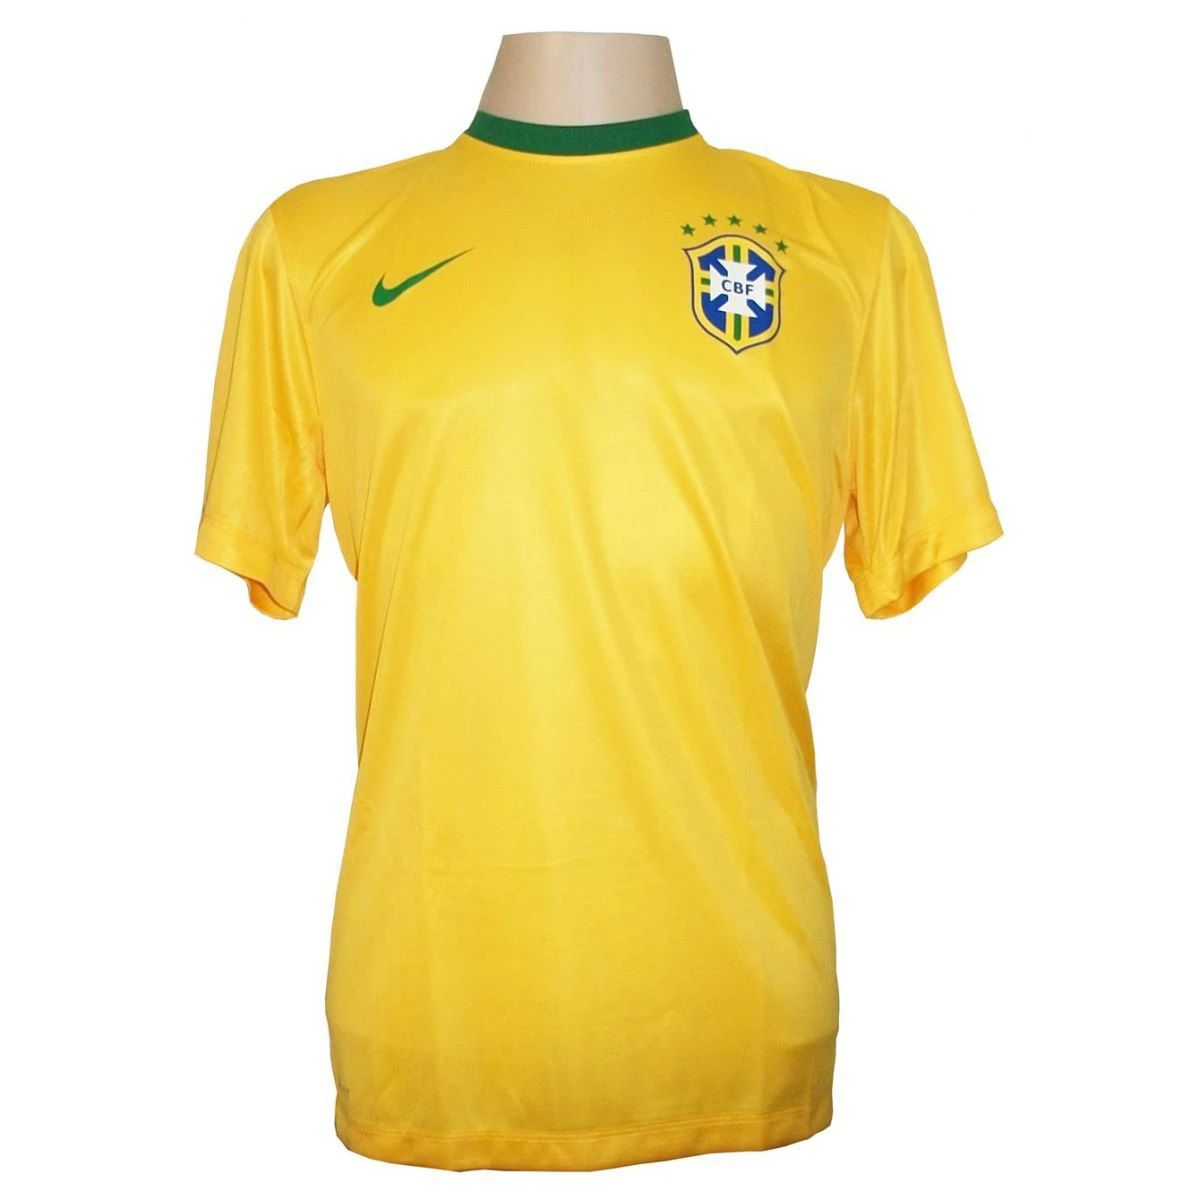 Camisa Brasil Home Torcedor - Tamanho Infantil